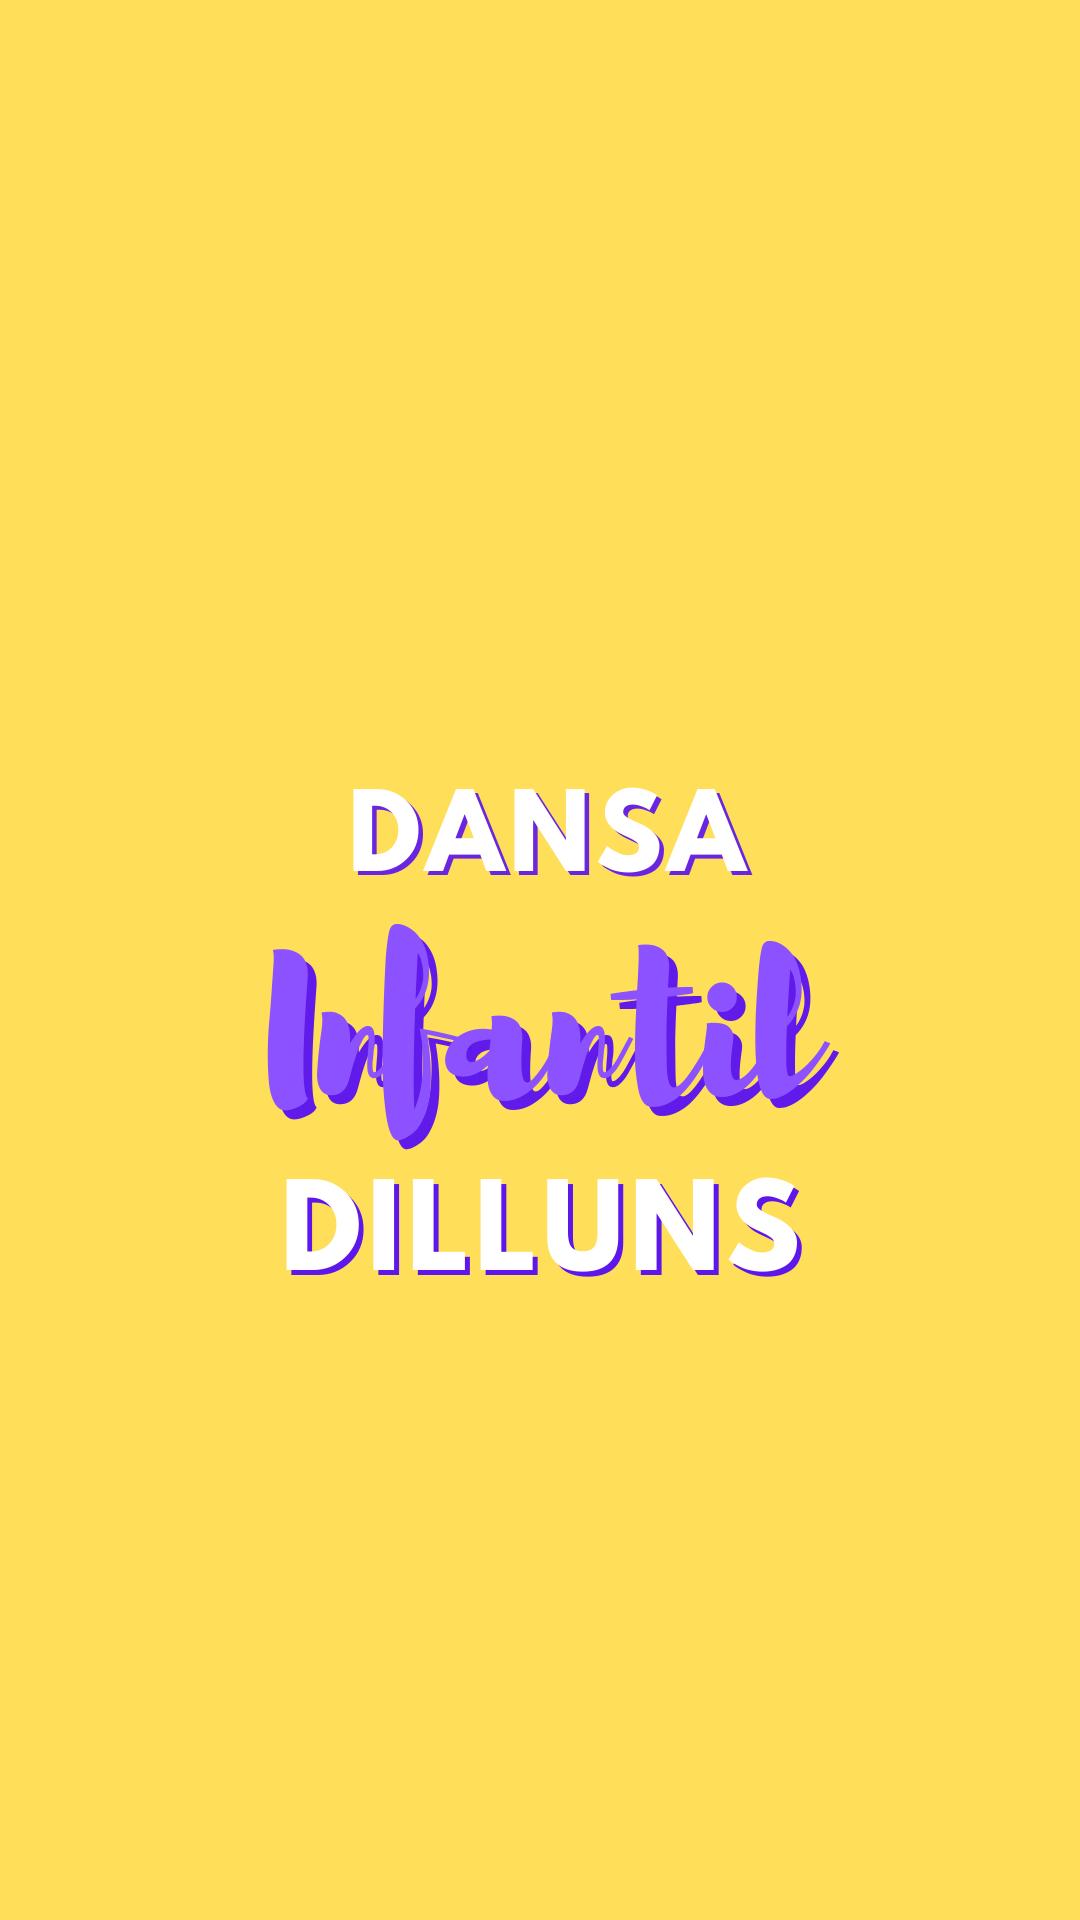 Dansa Infantil 2 (dilluns)